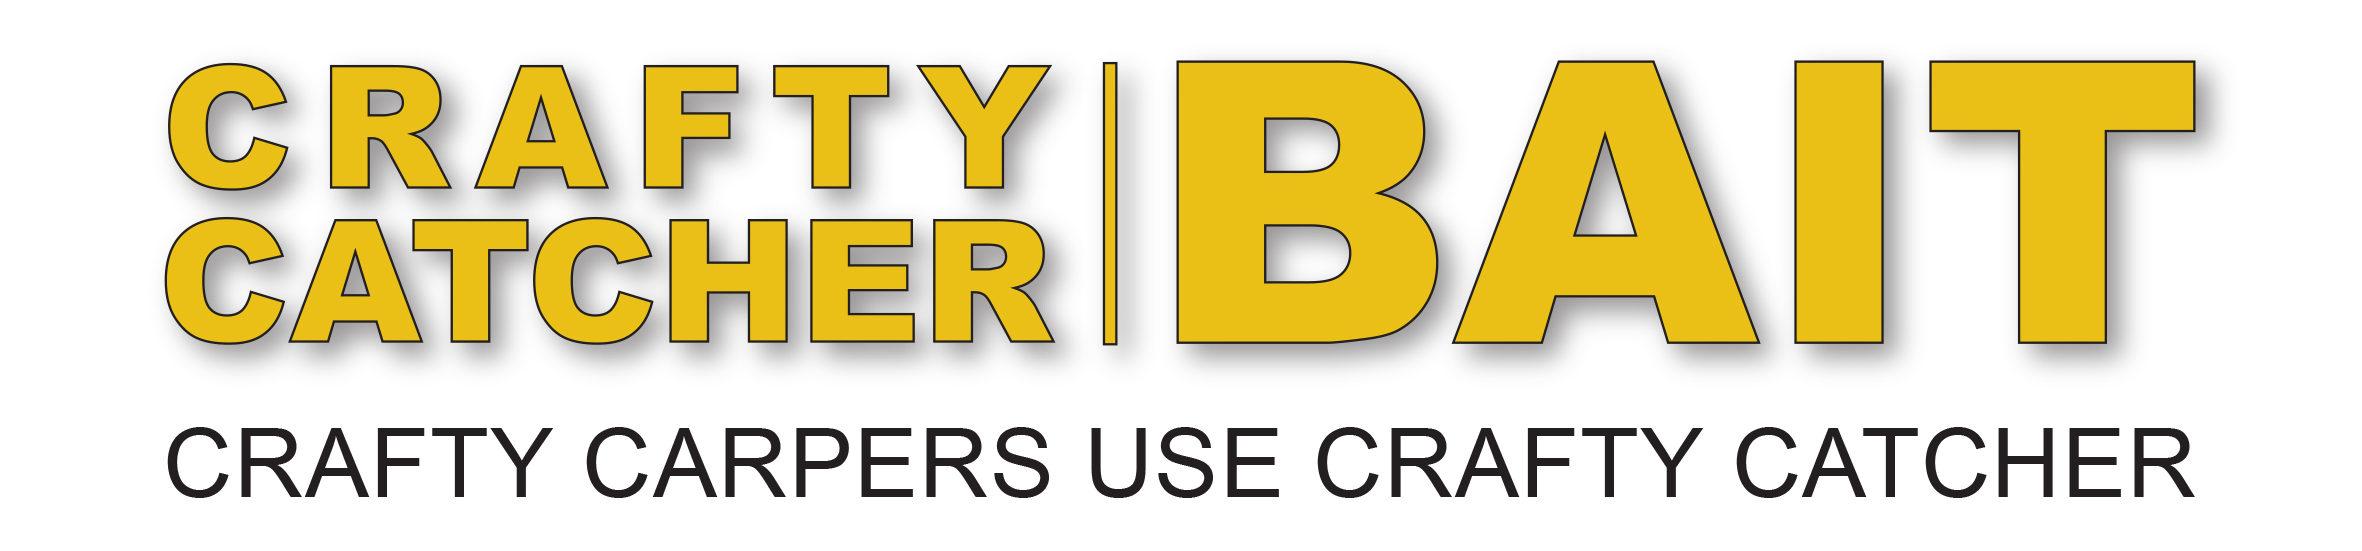 craftycatcherbait.co.uk